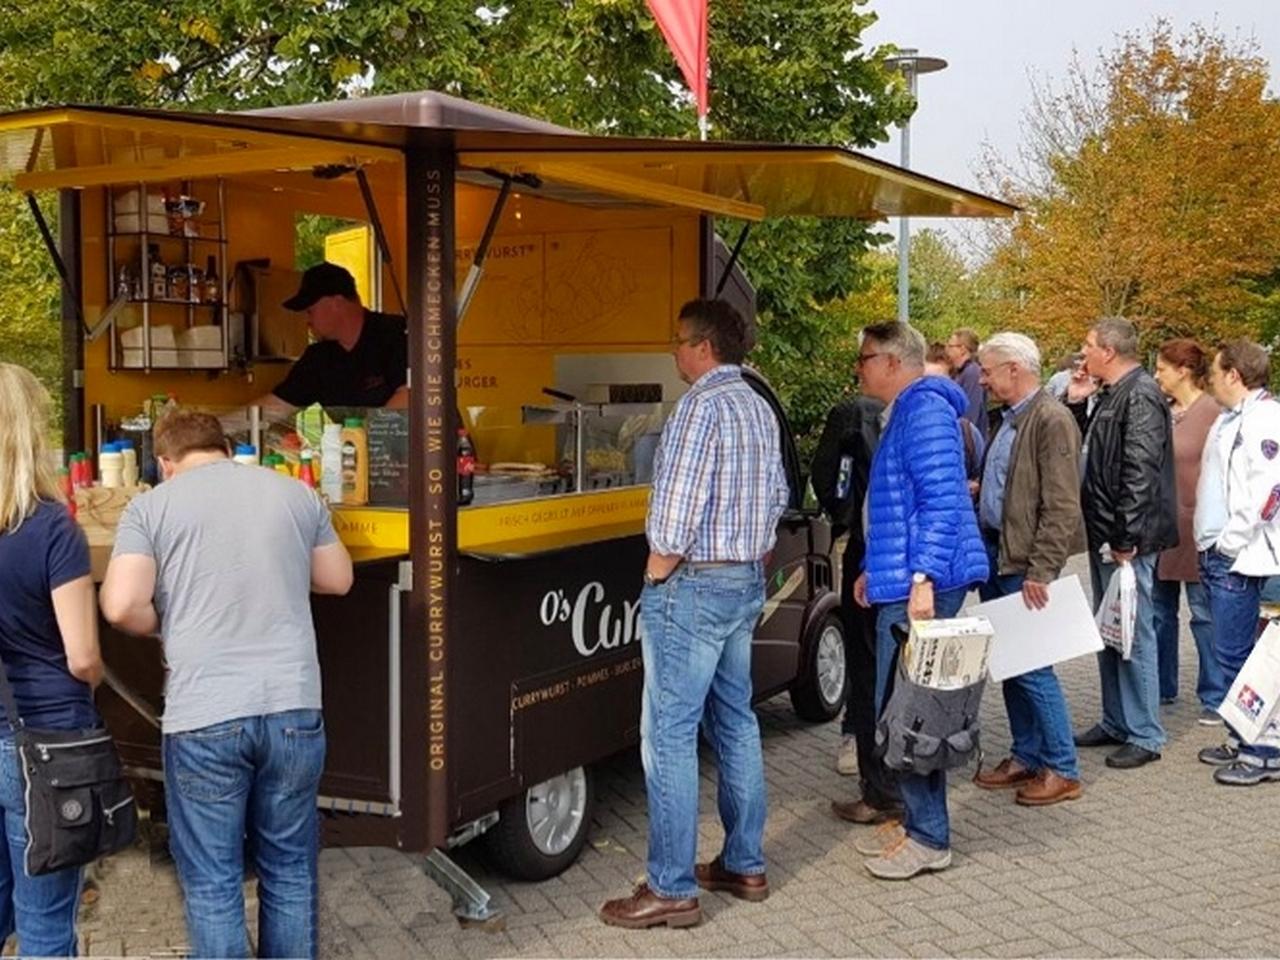 Foodtruck-Catering und wechselnde Standorte. O's Curry Mainz on Tour